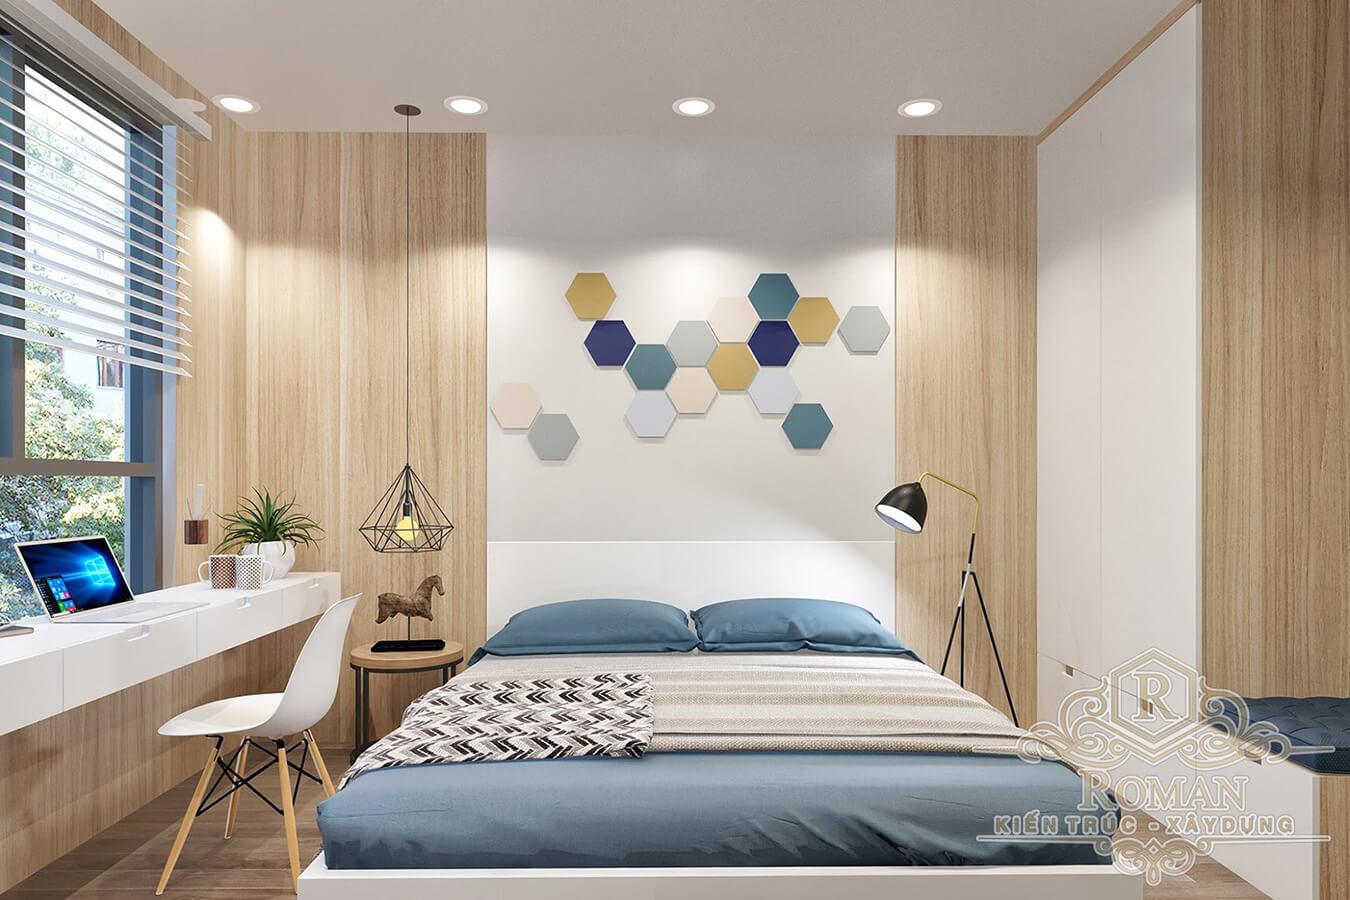 báo giá thiết kế nội thất chung cư 7